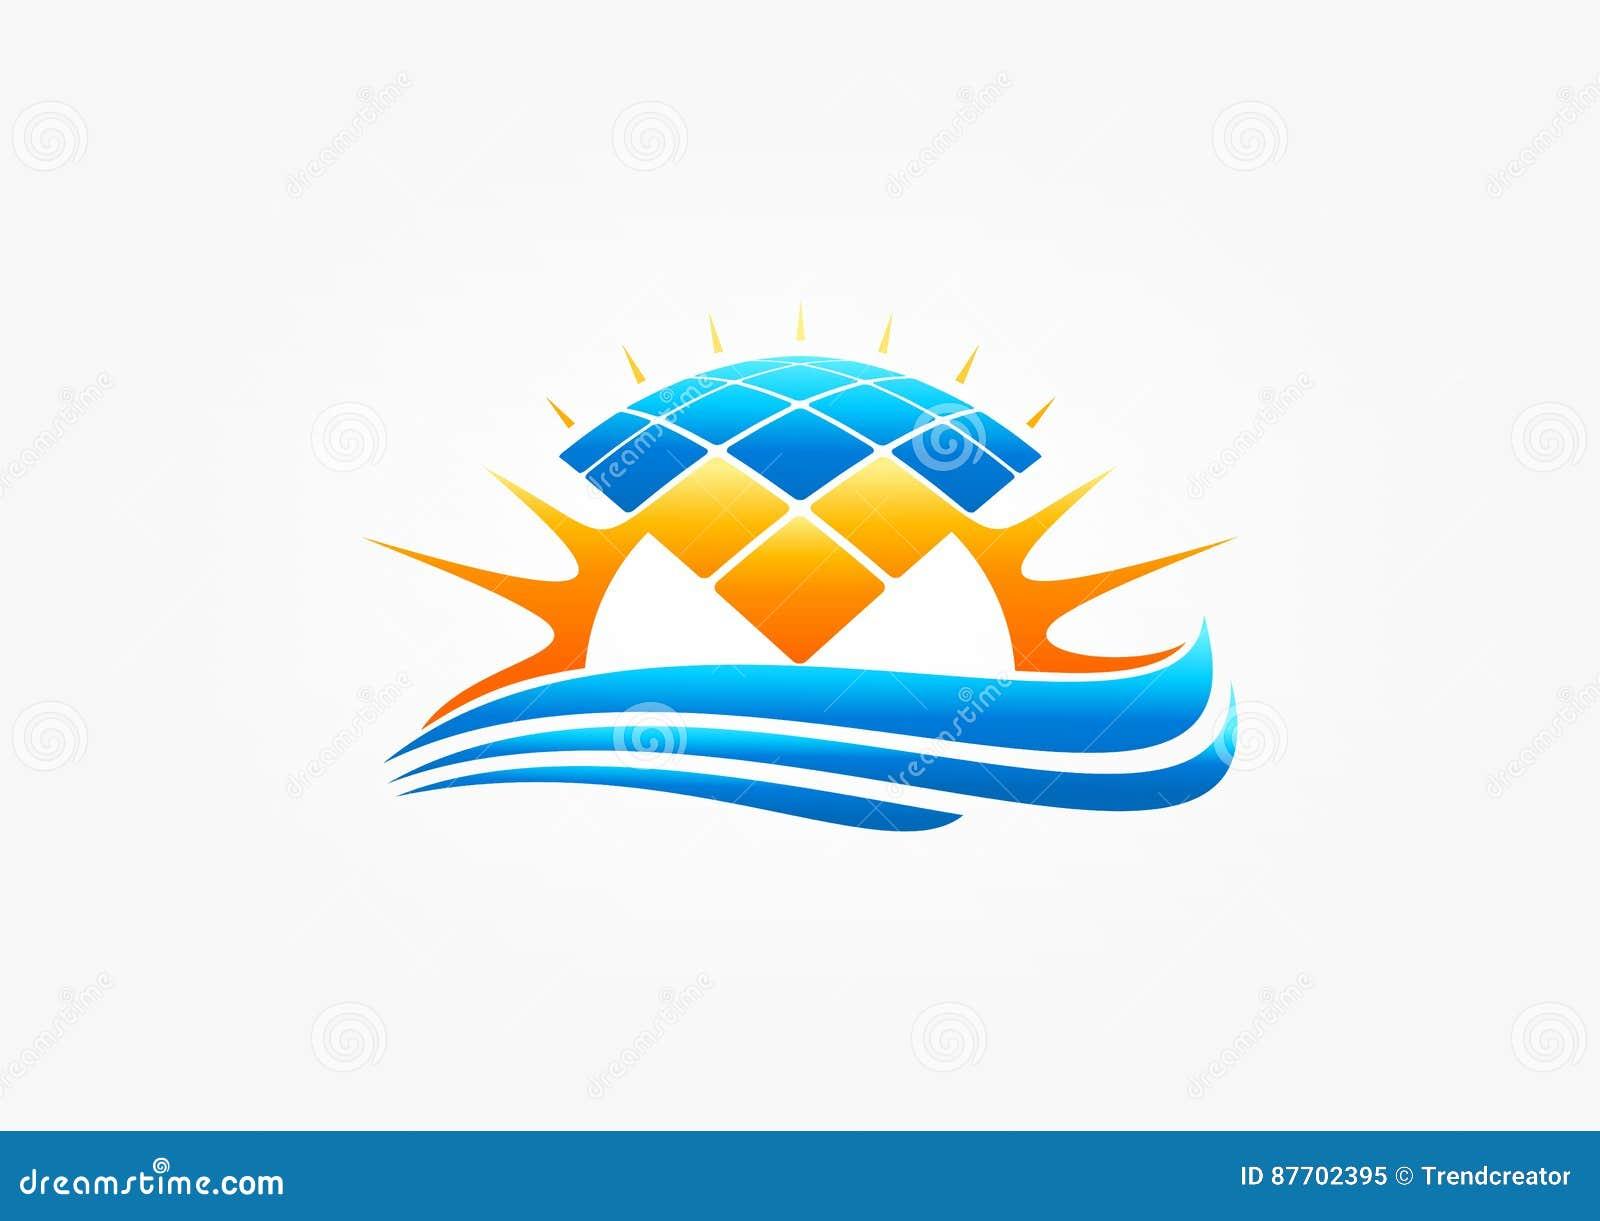 Zonnepaneelembleem, zon modul symbool, de elektriciteit van de aardgolf, wind het verwarmen, machtspictogram, en energieconcepton